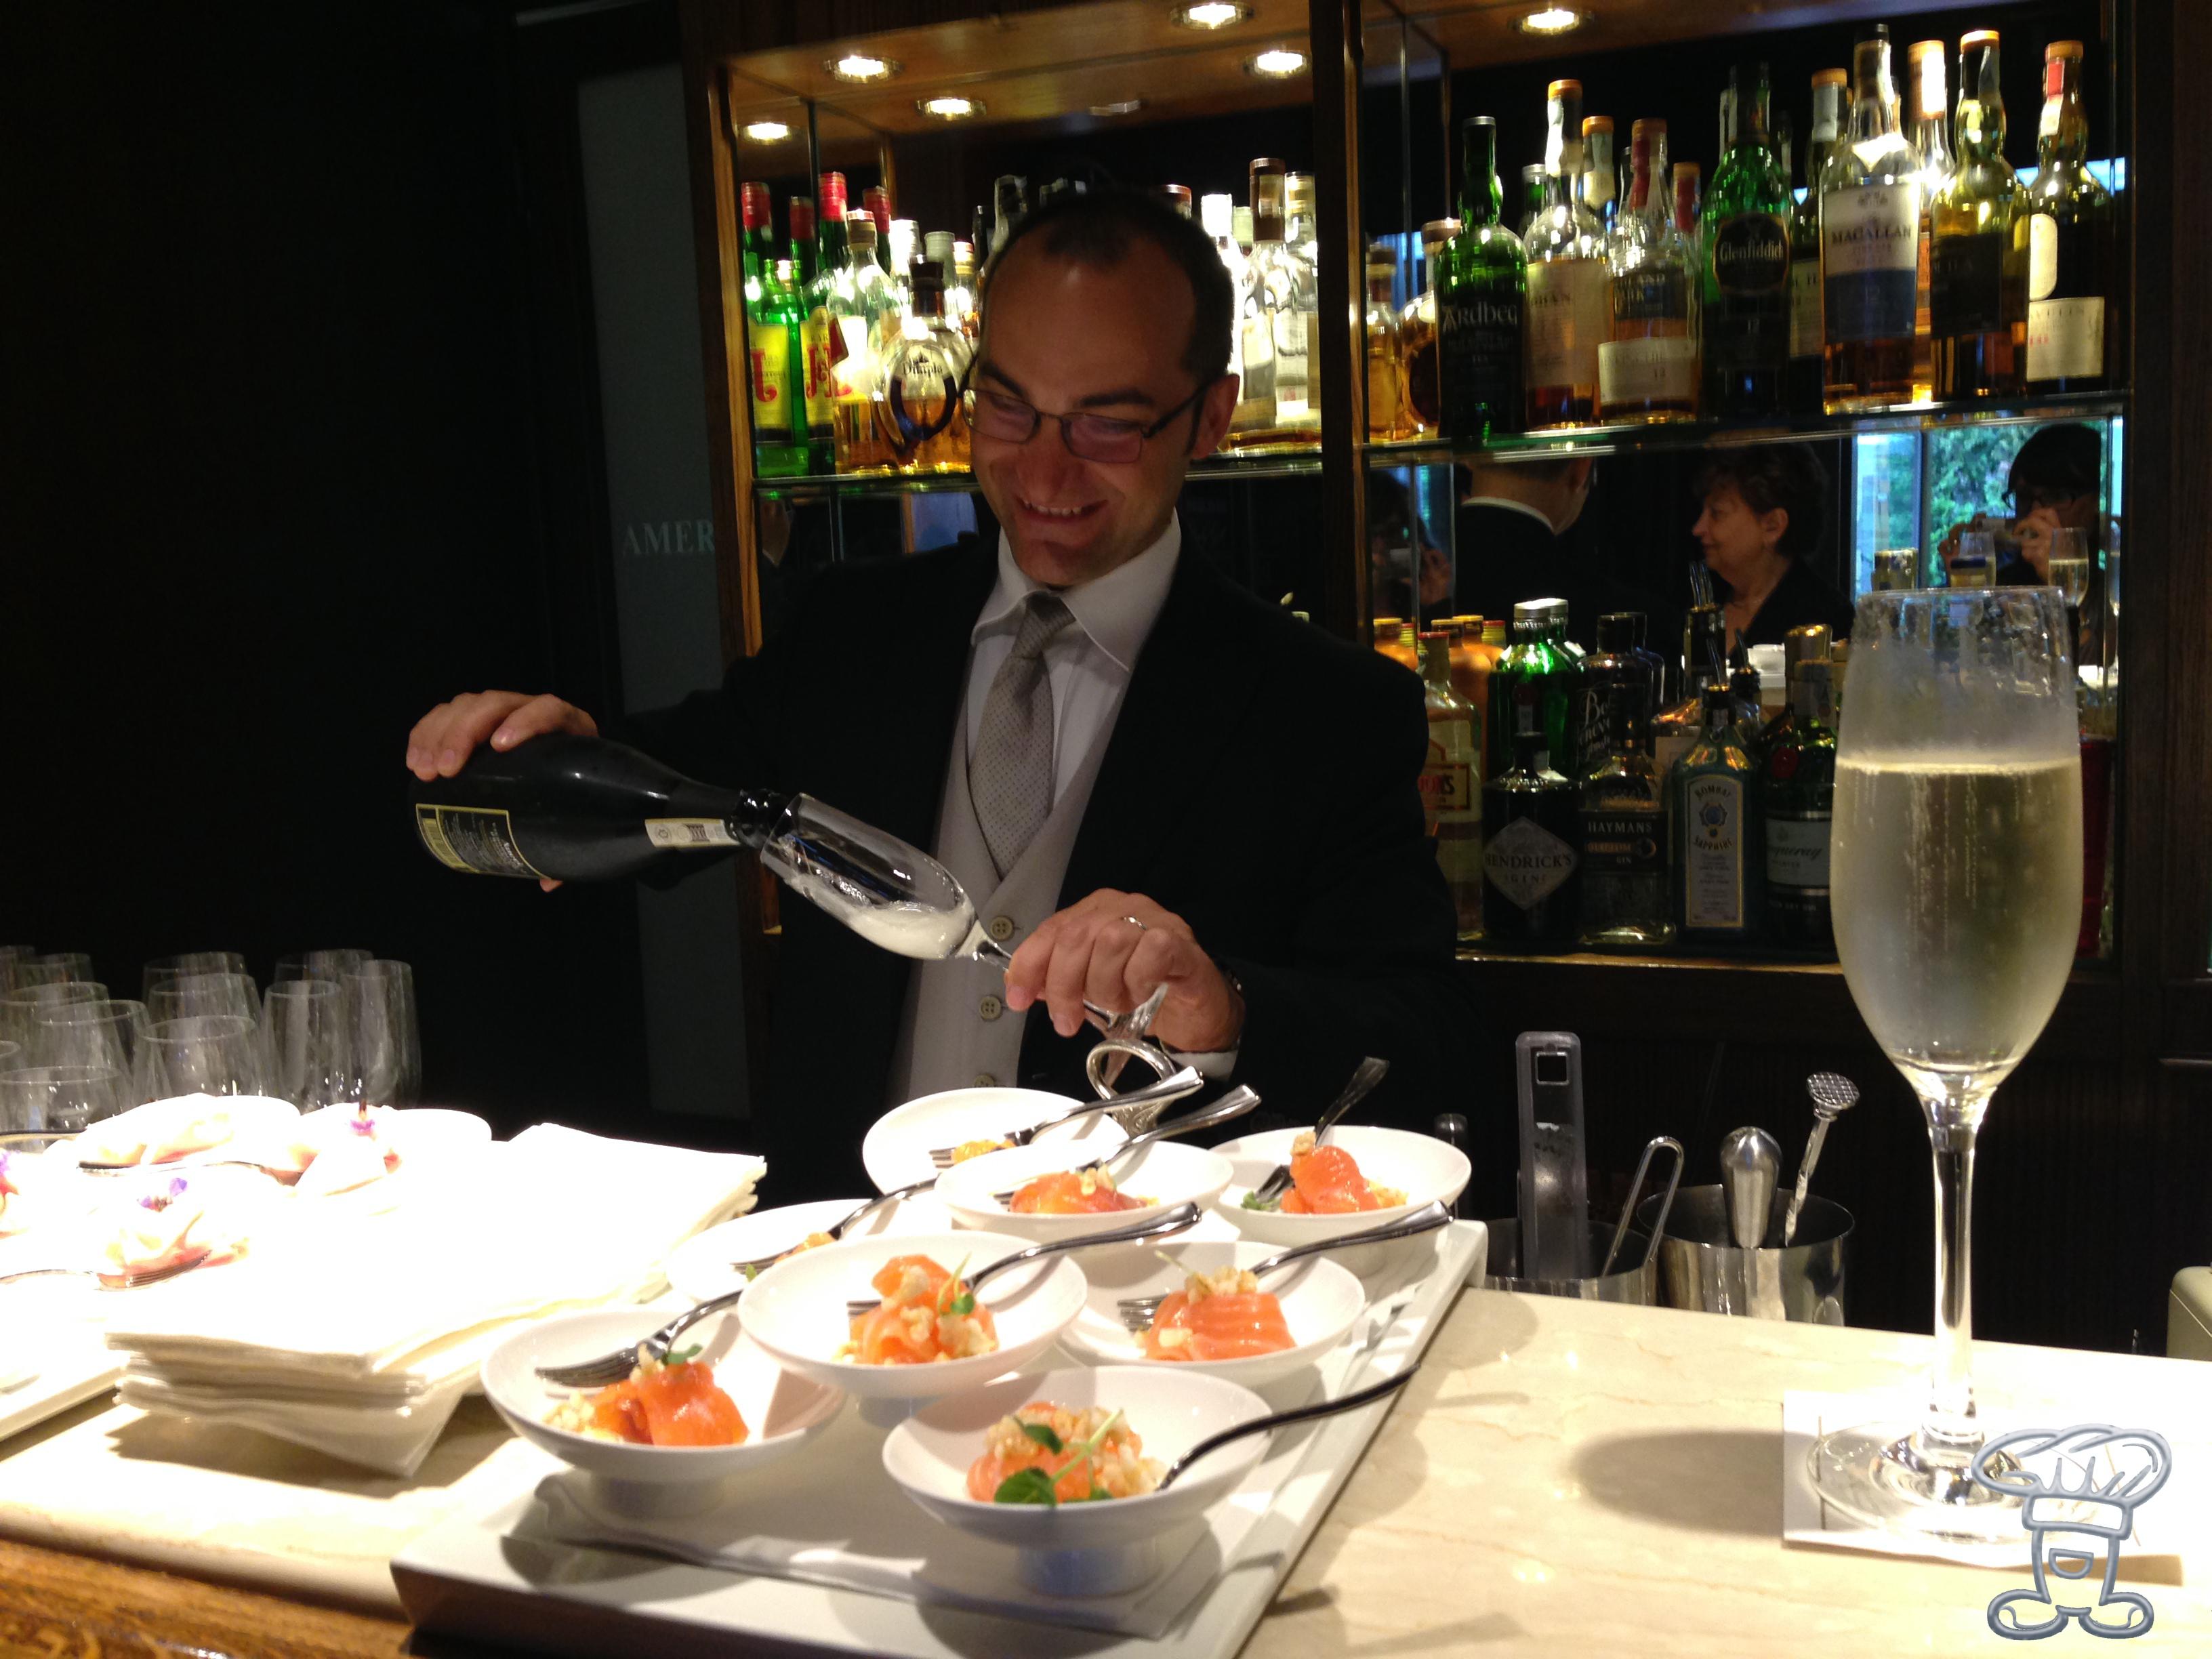 img_3277 Pausa pranzo al ristorante Deby Grill presso l'Hote de la Ville a Monza